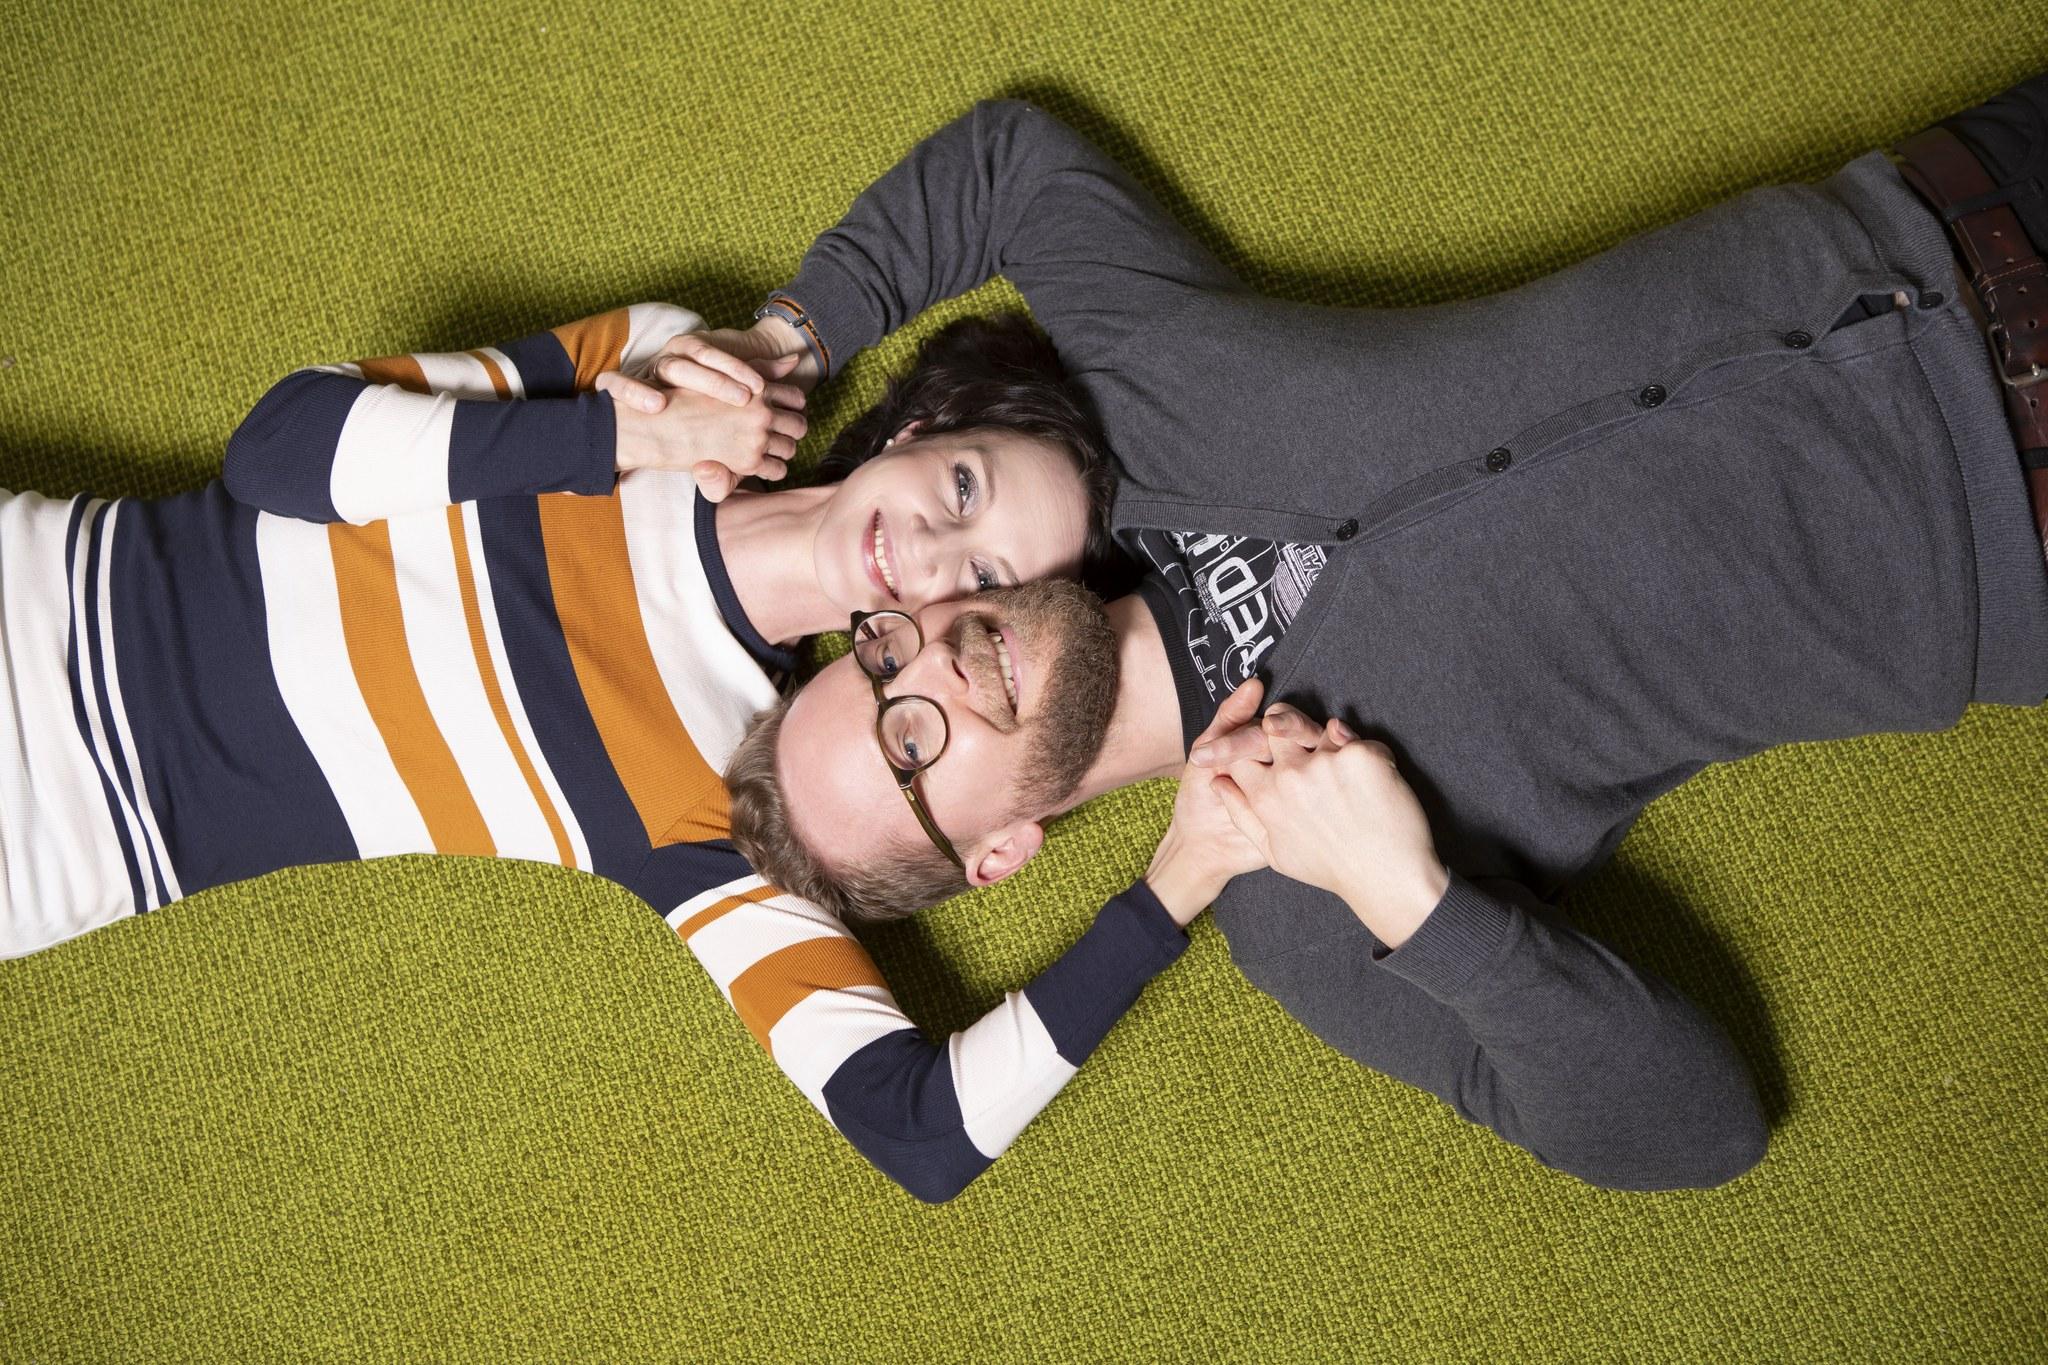 Mikä ominaisuus edistää parhaiten tyytyväisyyttä parisuhteessa?